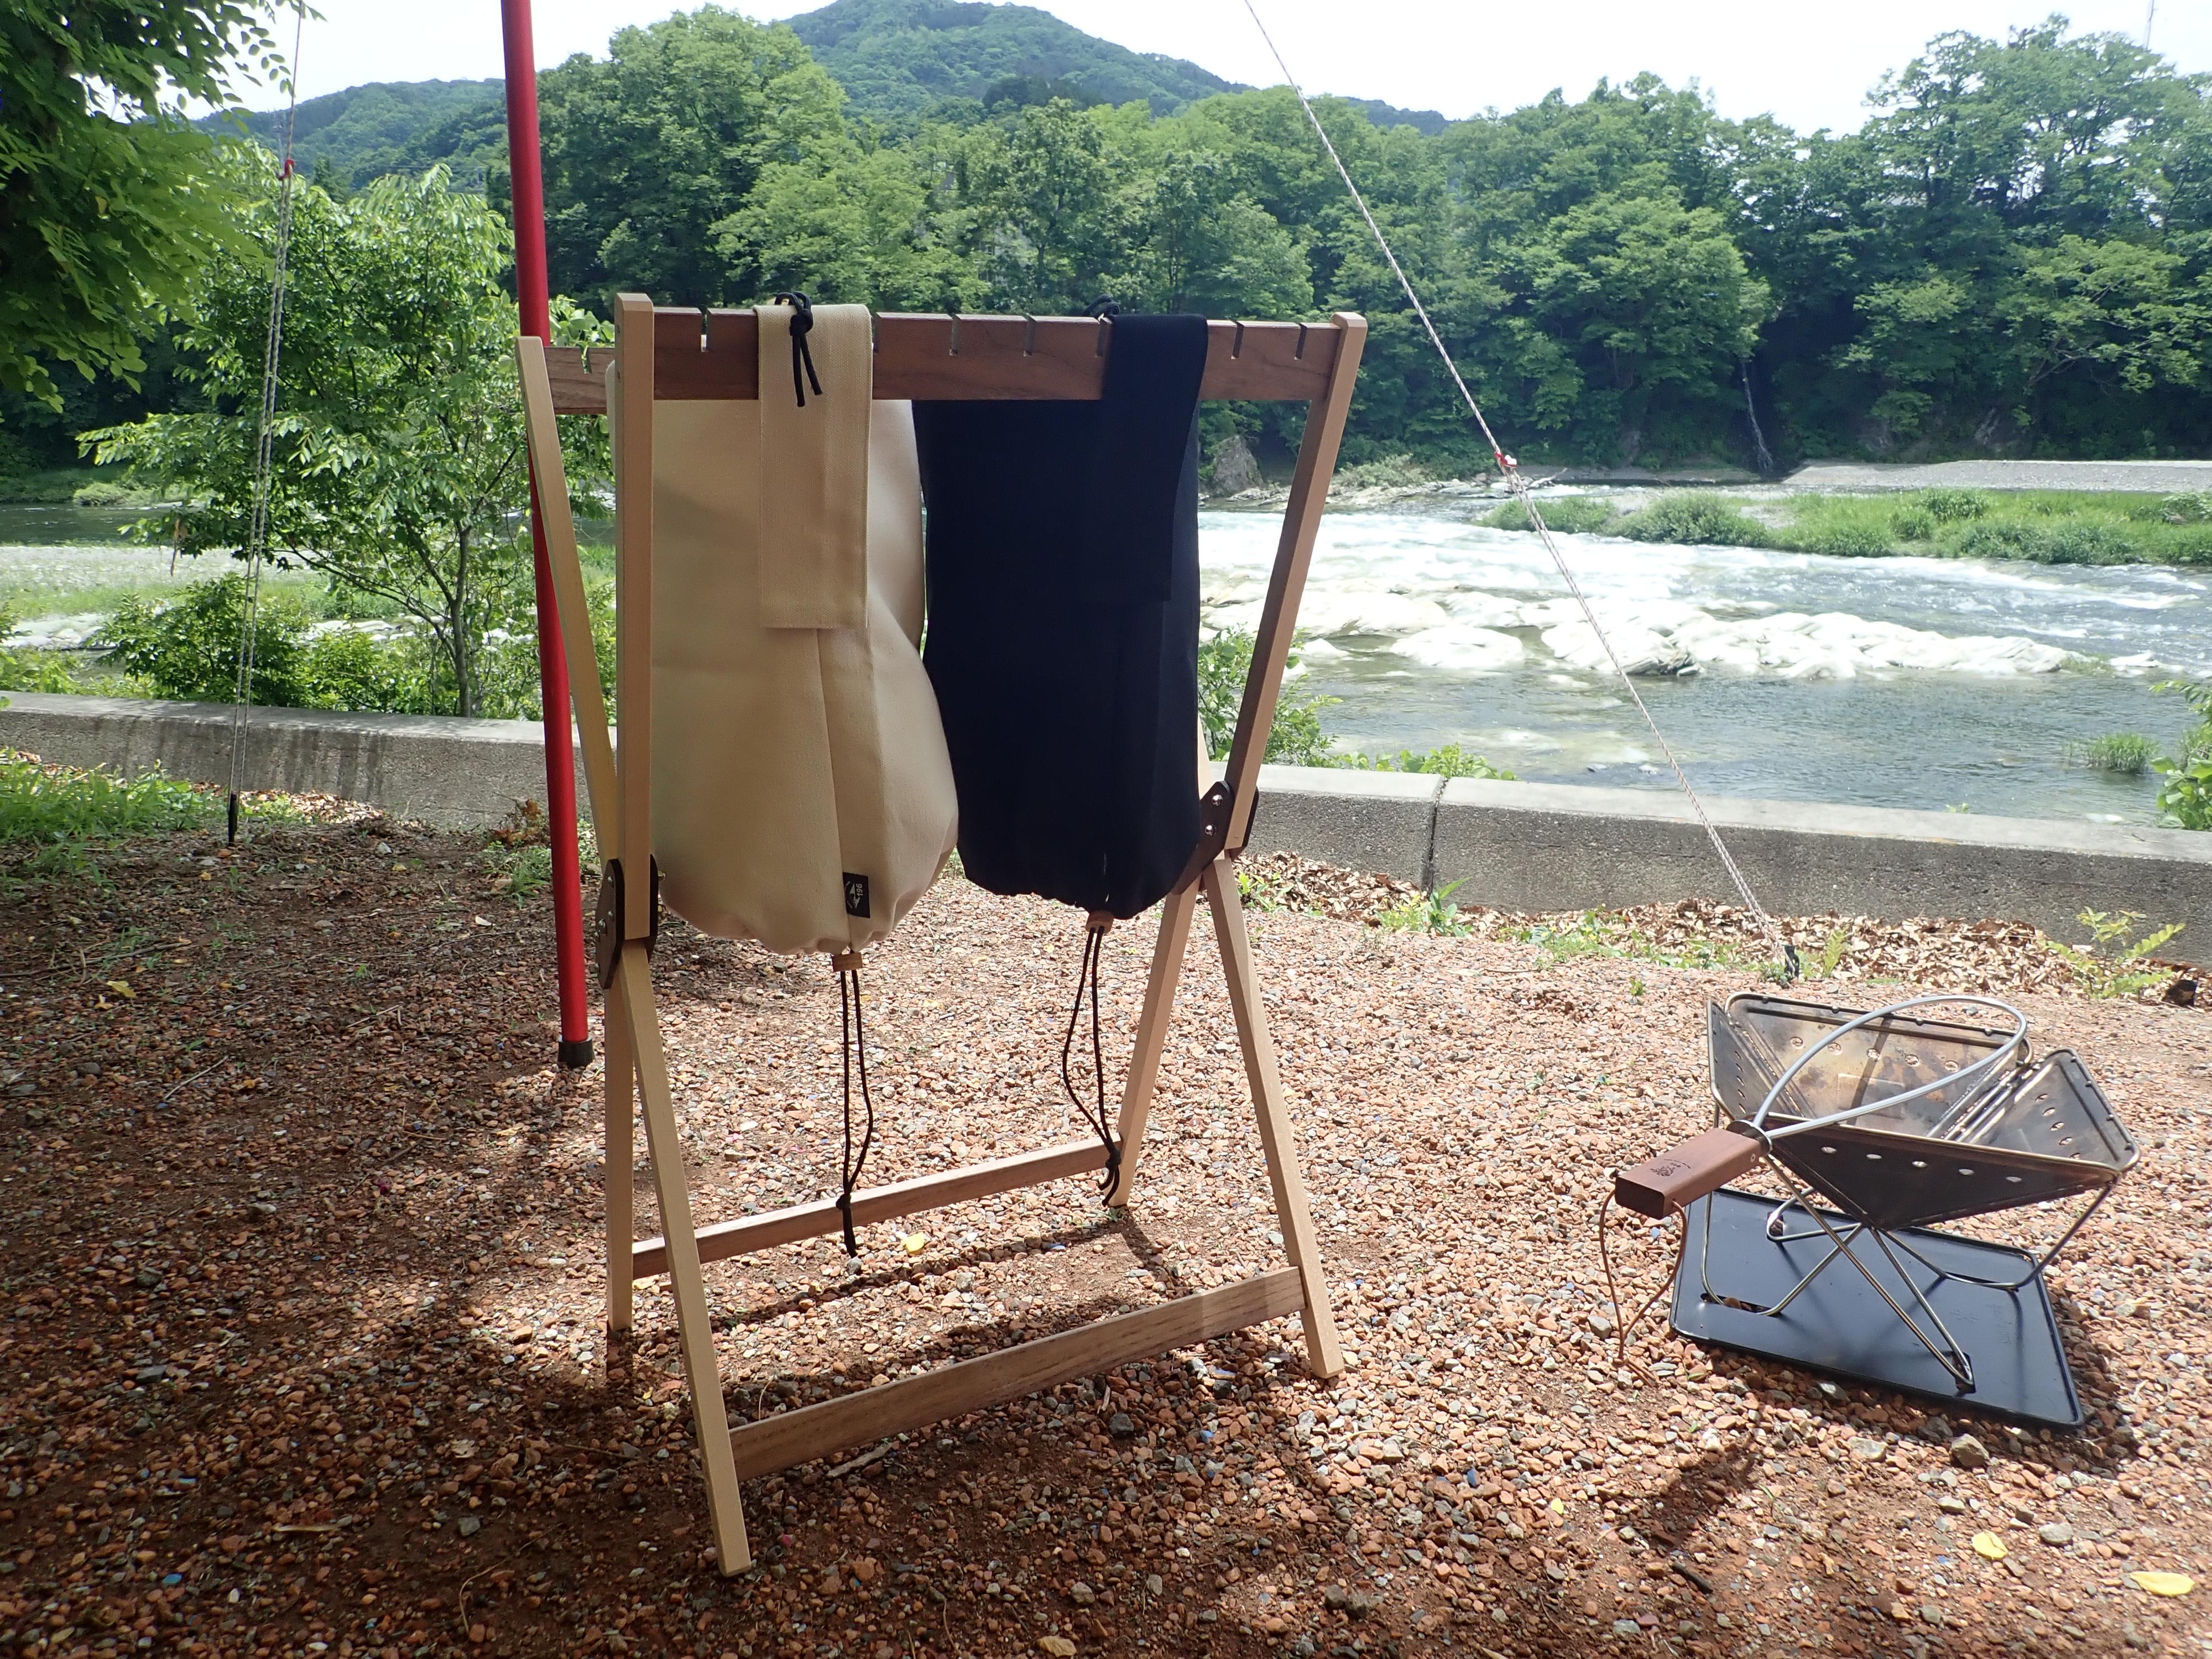 キャンプサイトのゴミ袋問題はこれで解決!CHIRIBAKO【196ひのきのキャンプ用品】